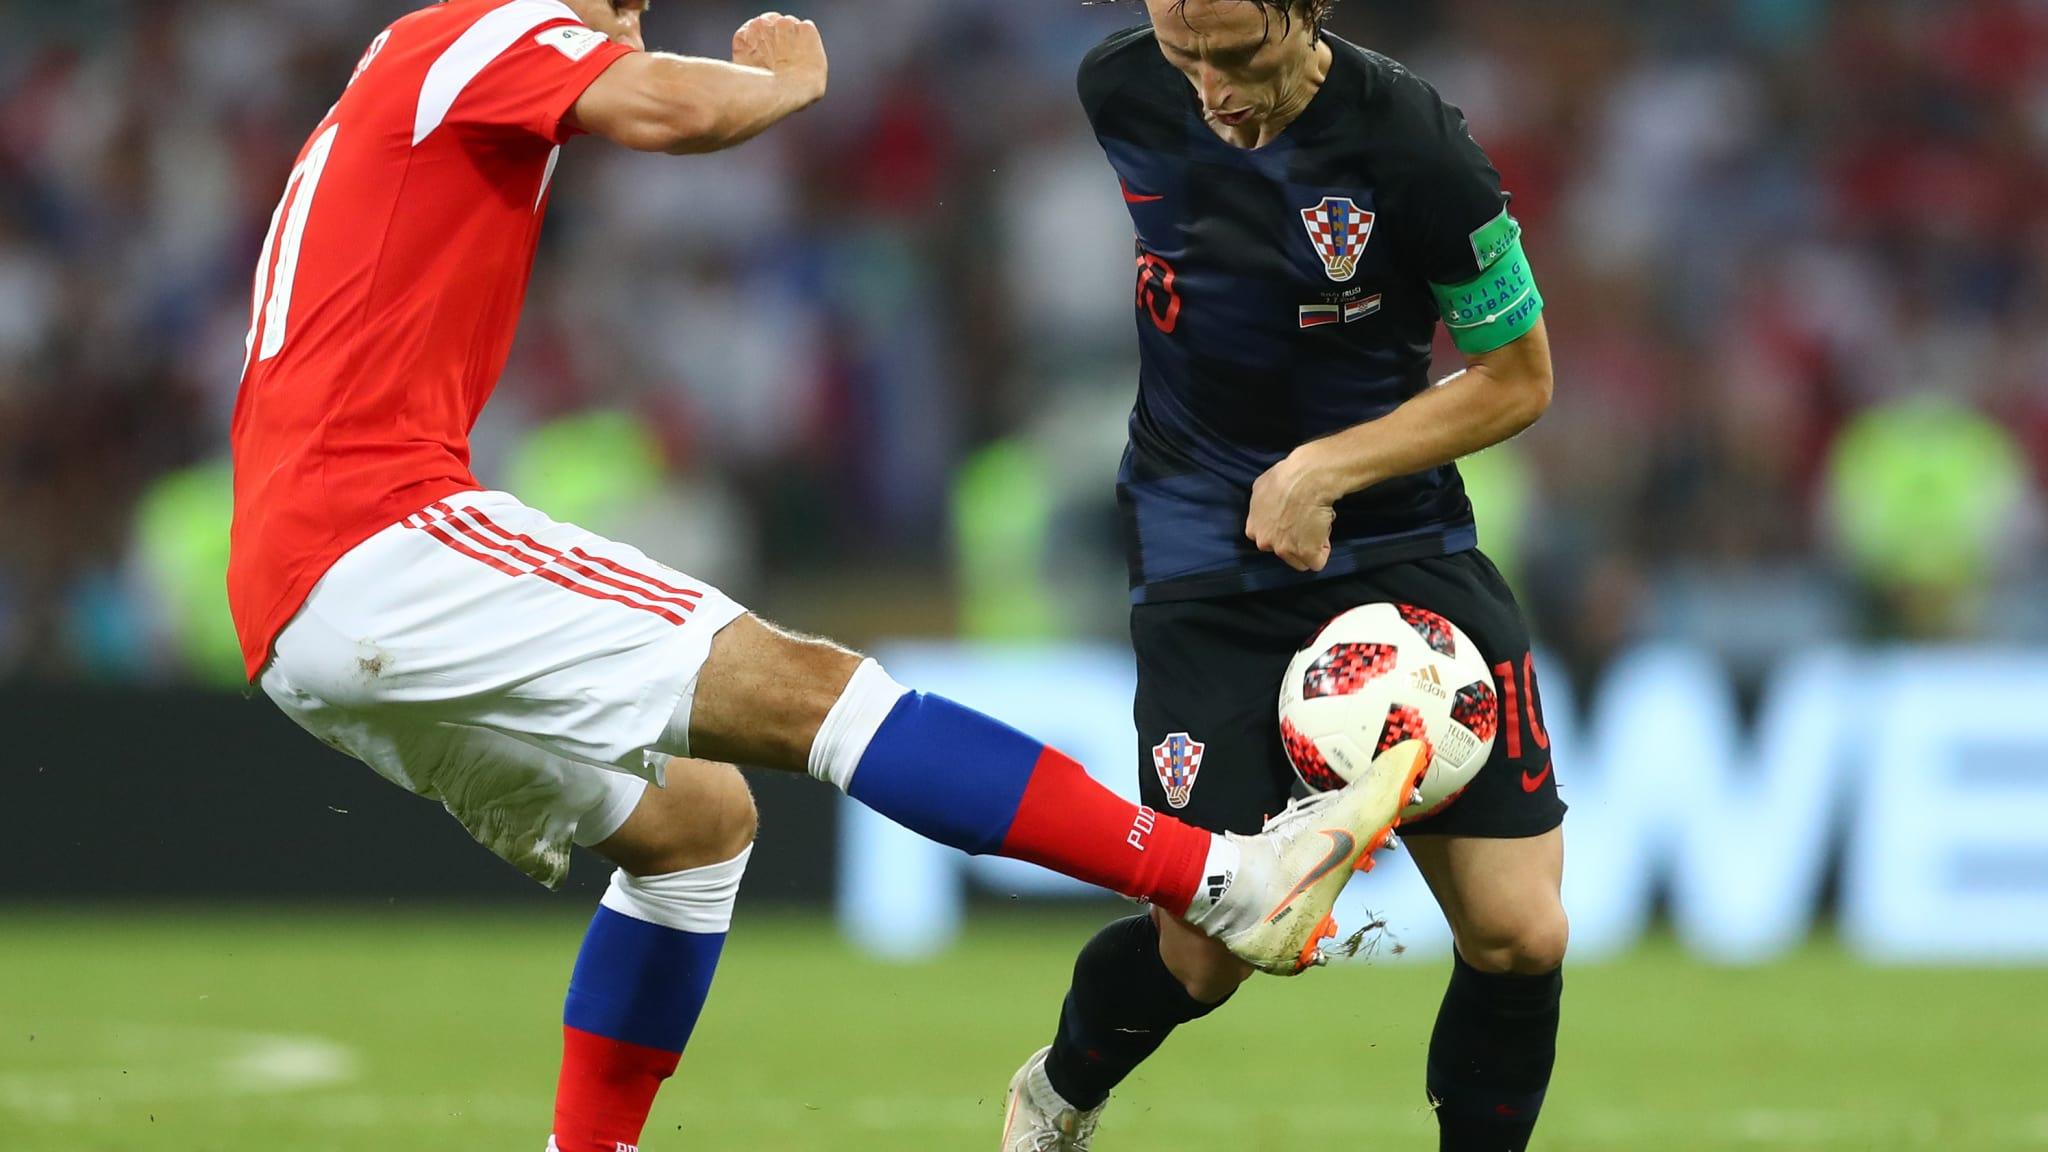 Croácia repete melhor campanha de sua história e tenta vaga inédita na final diante da Inglaterra